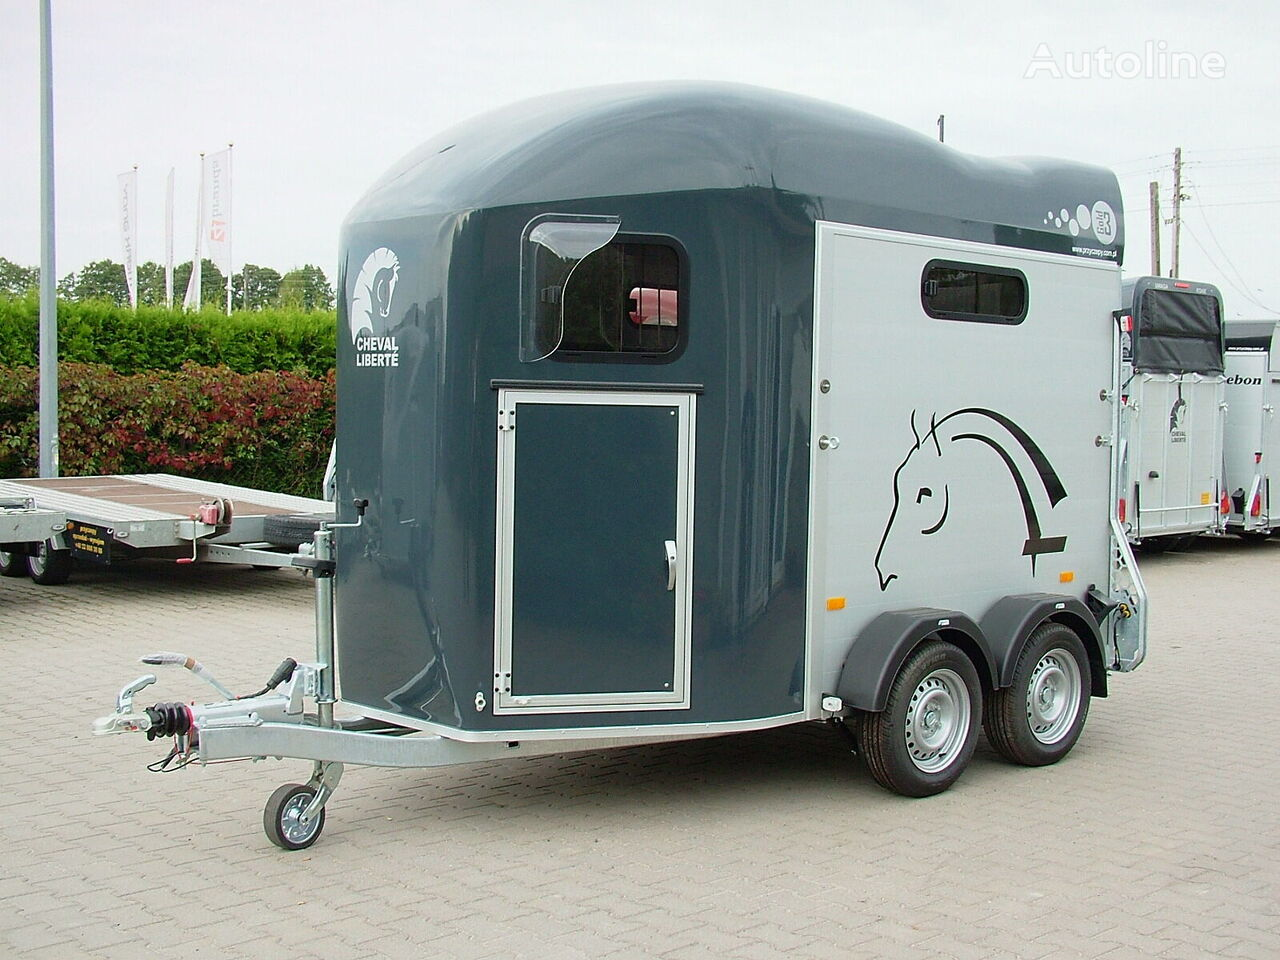 new Cheval liberte Przyczepa dwukonna Przyczepa Aluminowa model GOLD lll horse trailer